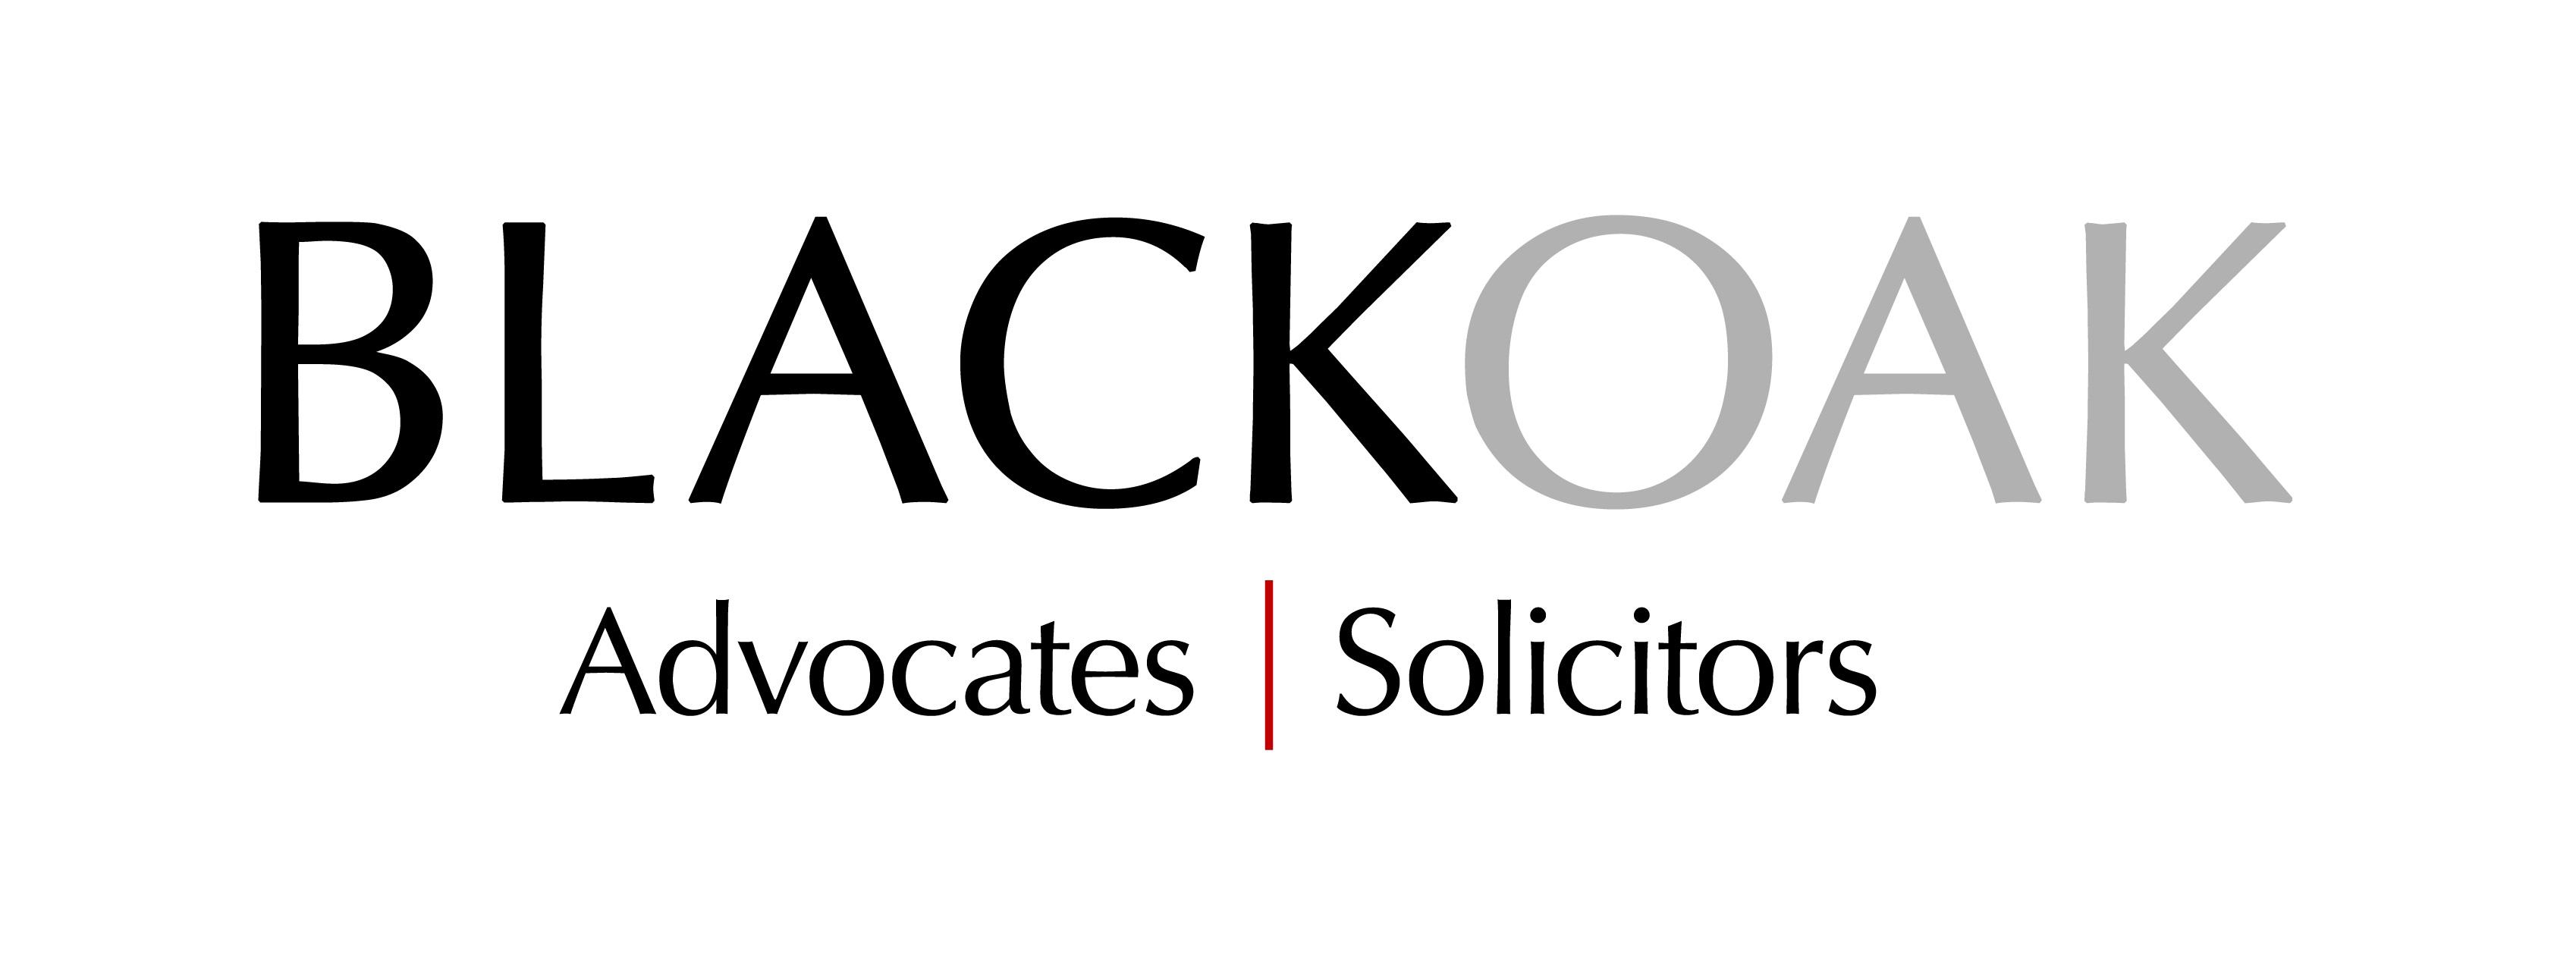 BlackOak Logo